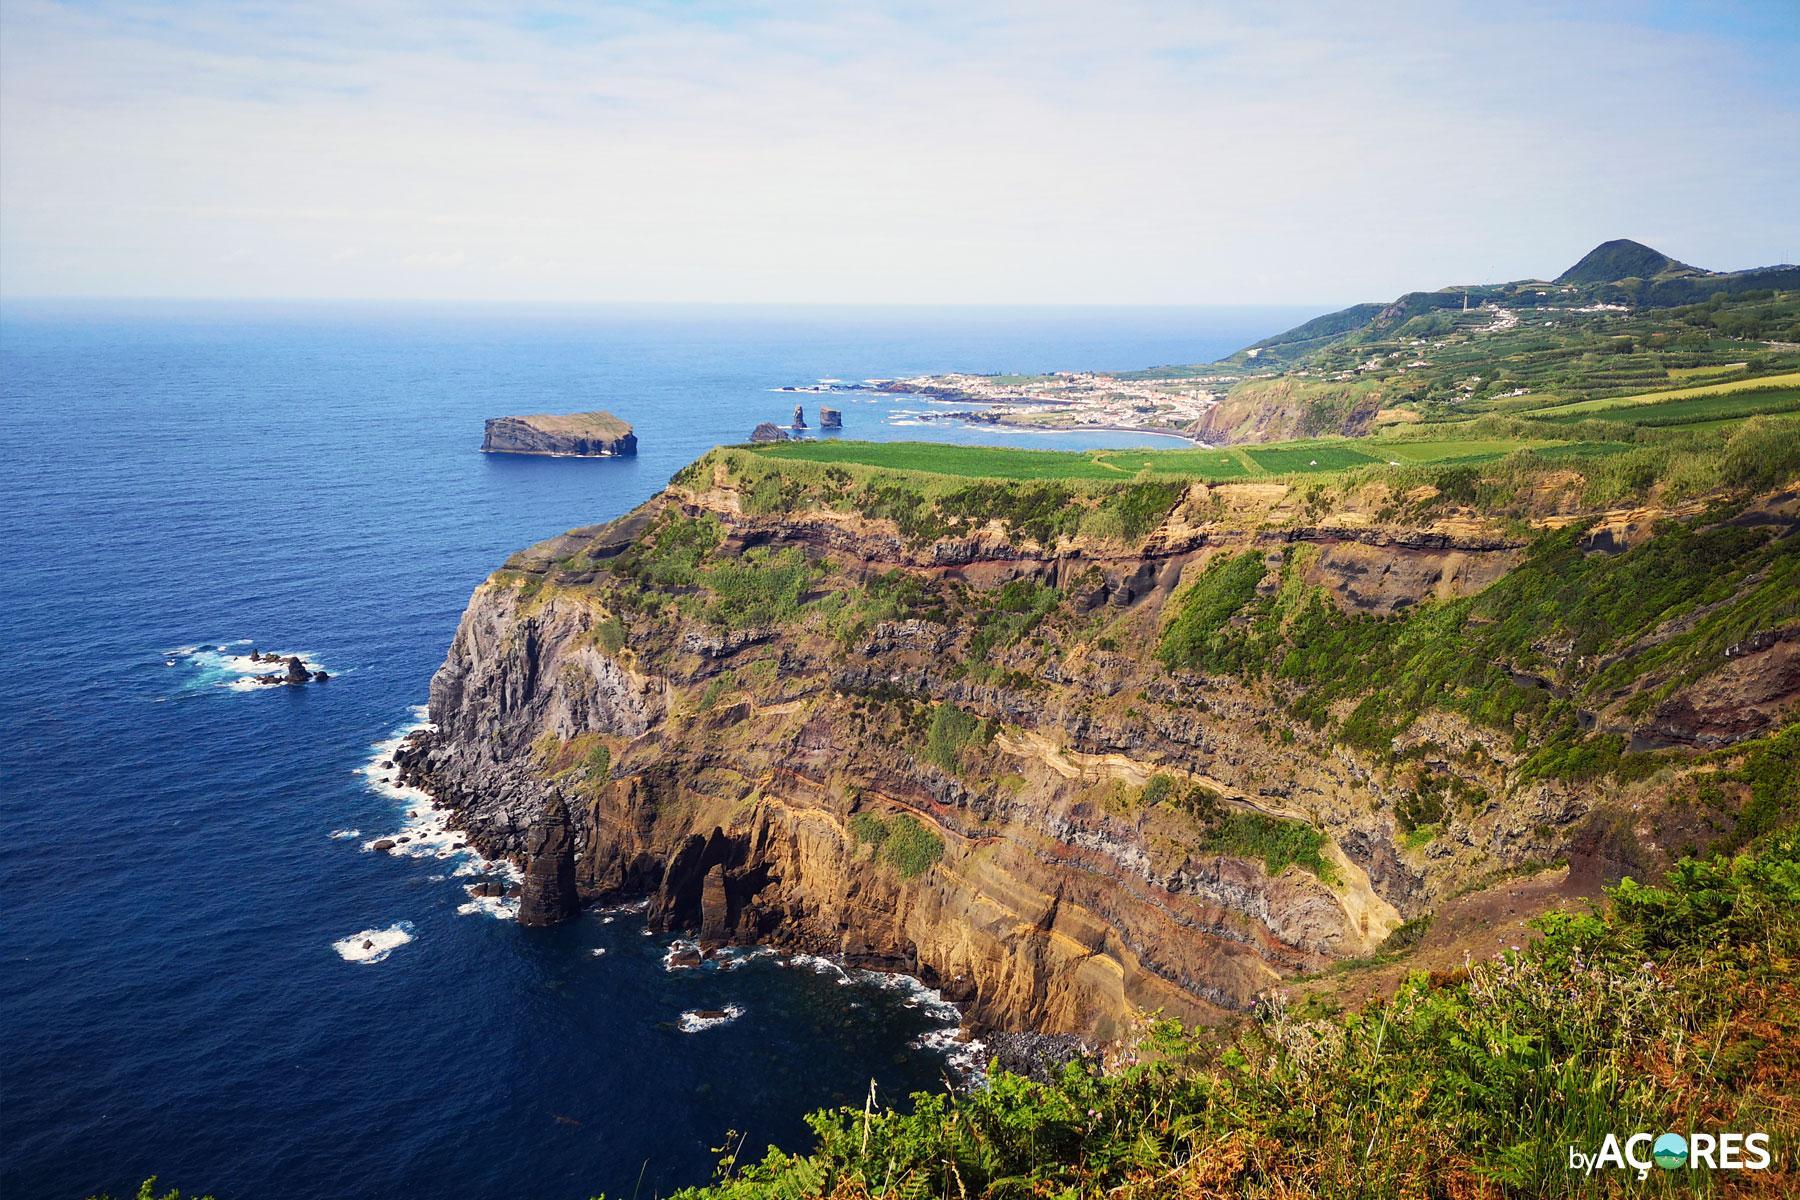 Mosteiros – Miradouro da Ponta do Escalvado